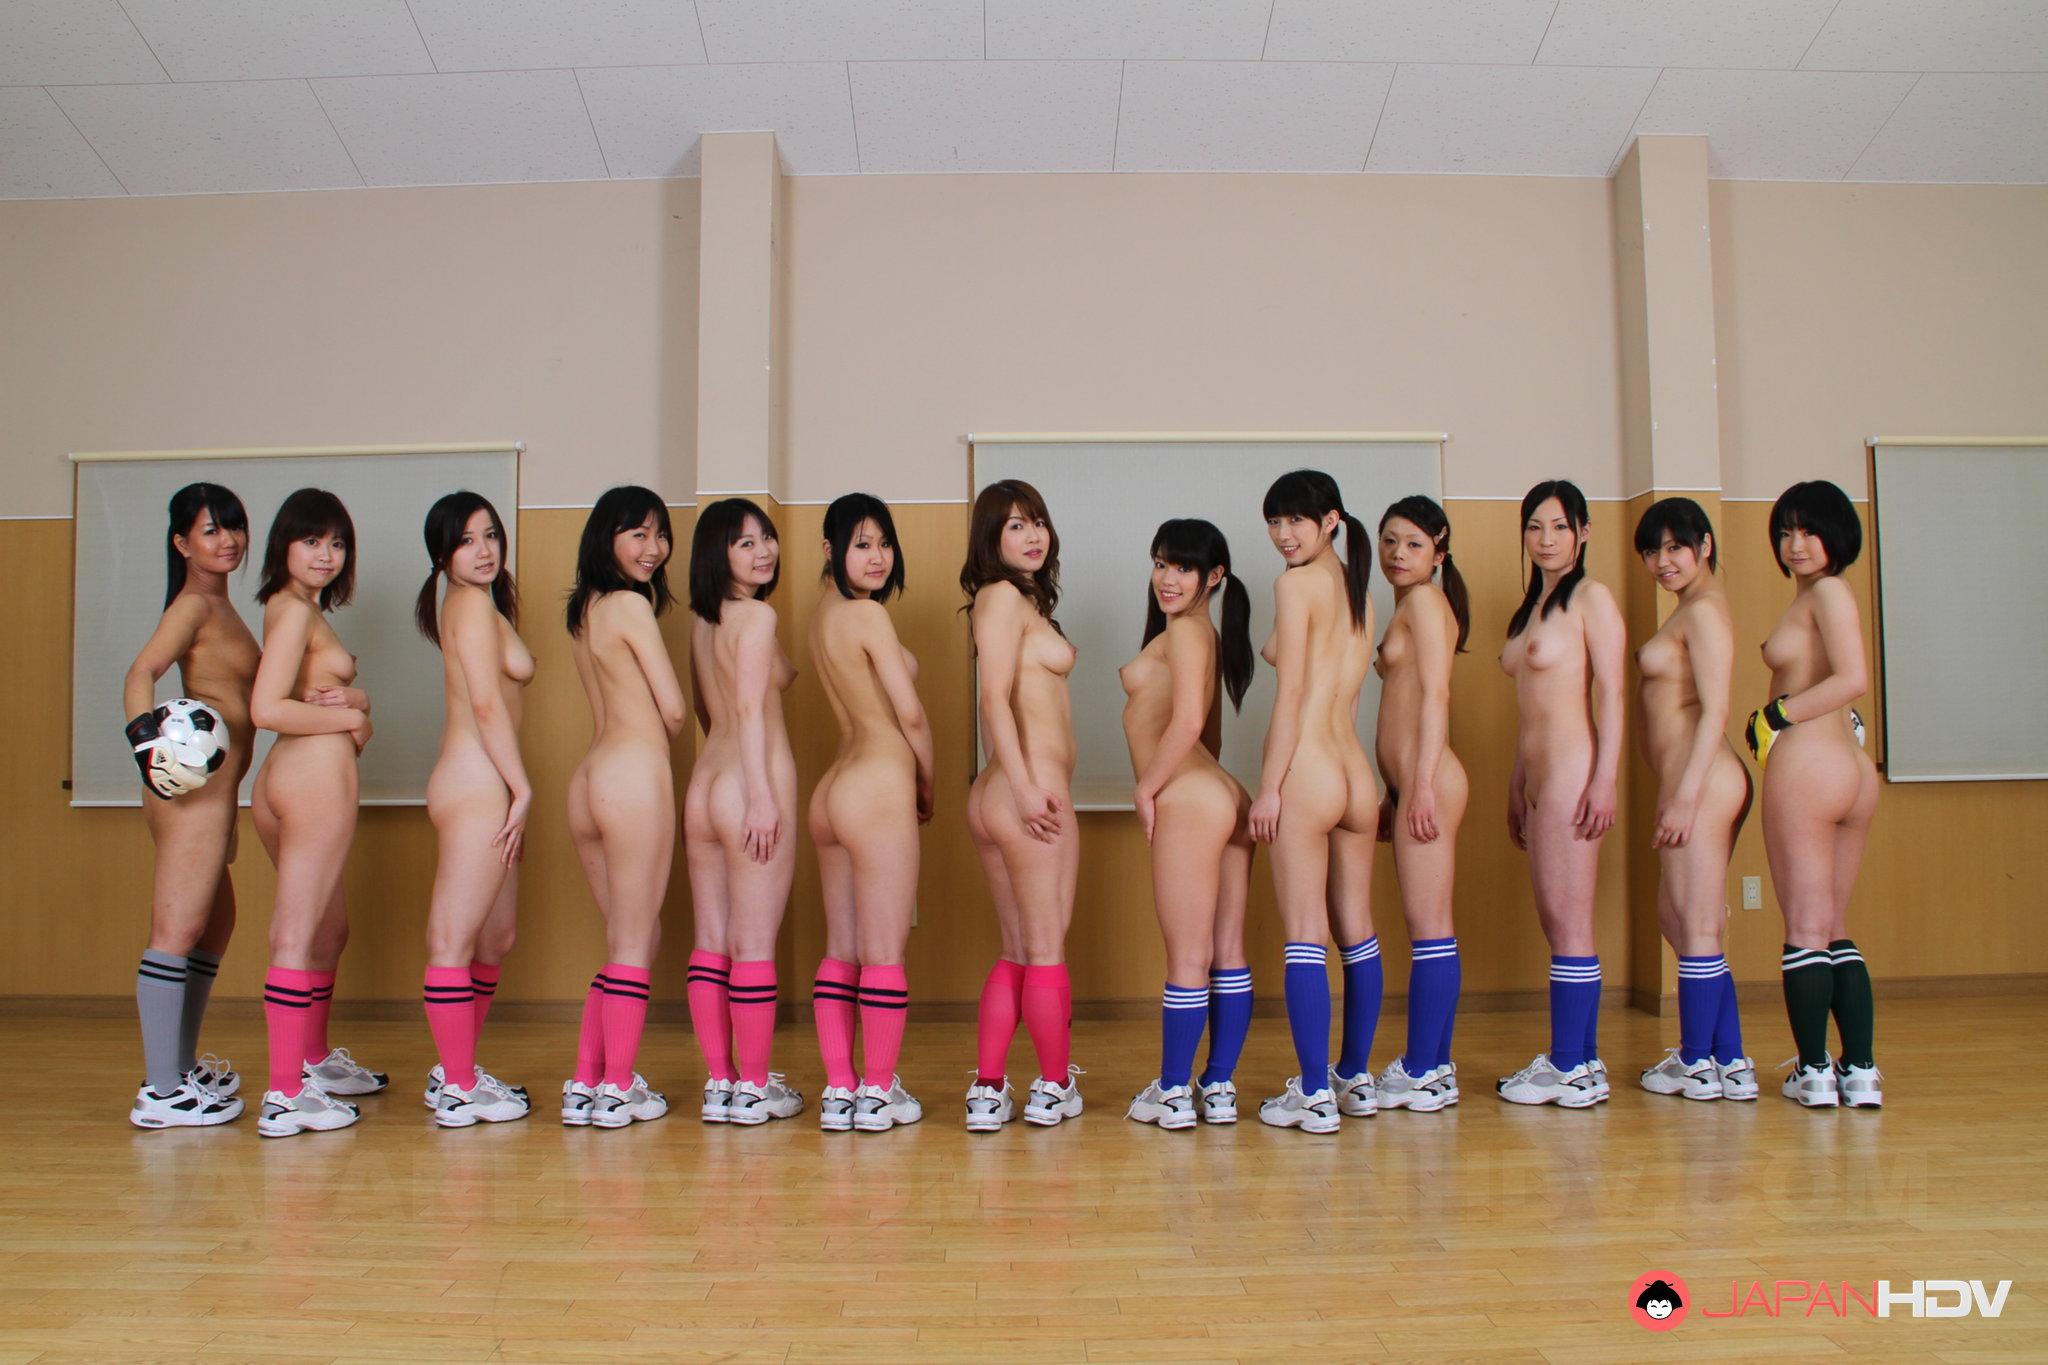 porn soccer groups of girls